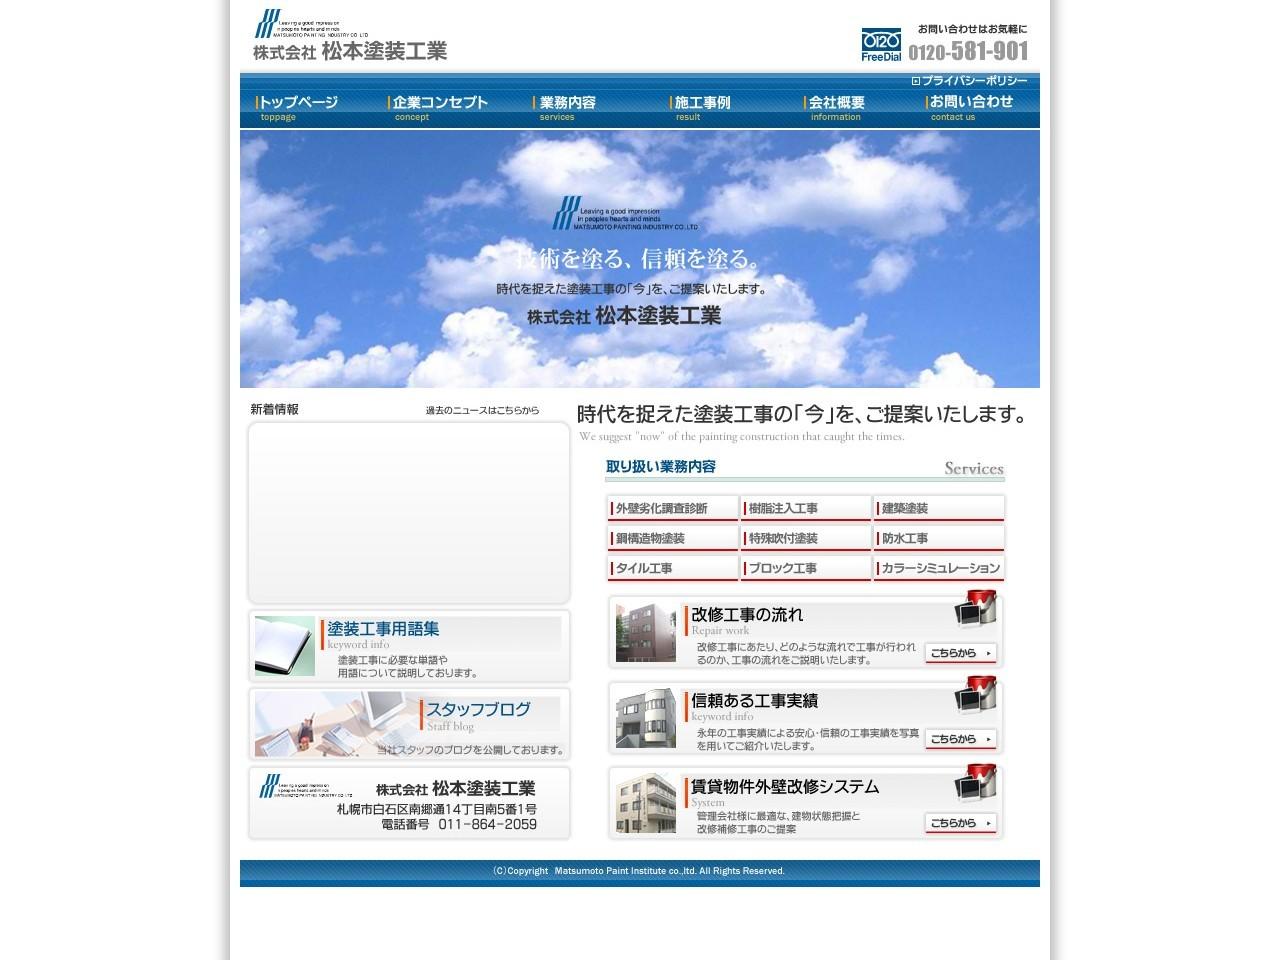 株式会社松本塗装工業